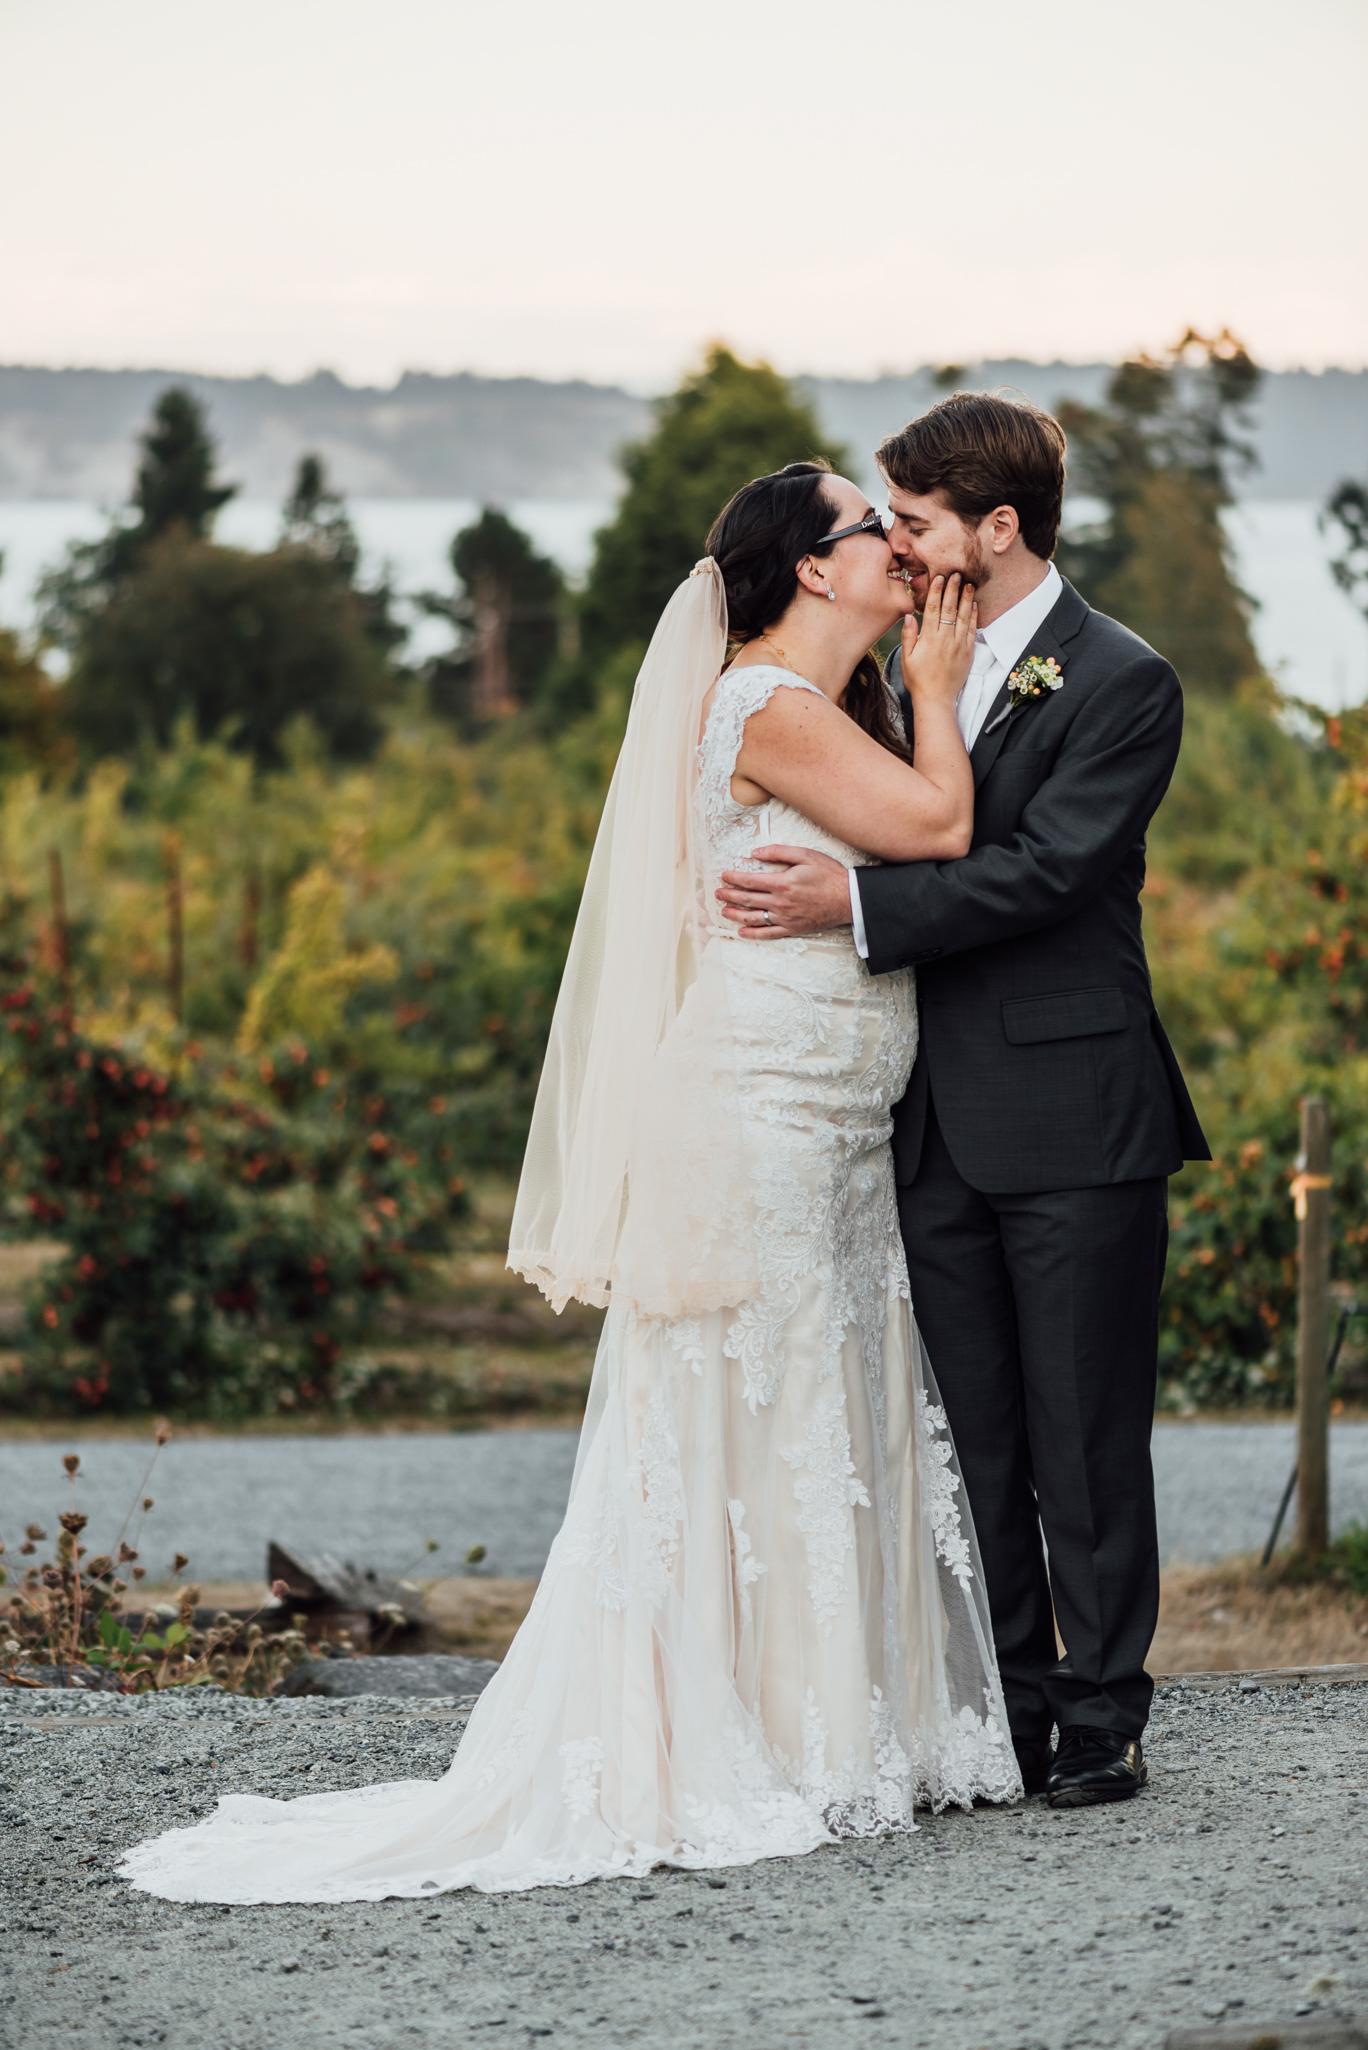 Nicola_Reiersen_Photography_Sea_Cider_Forest_Wedding (111).jpg